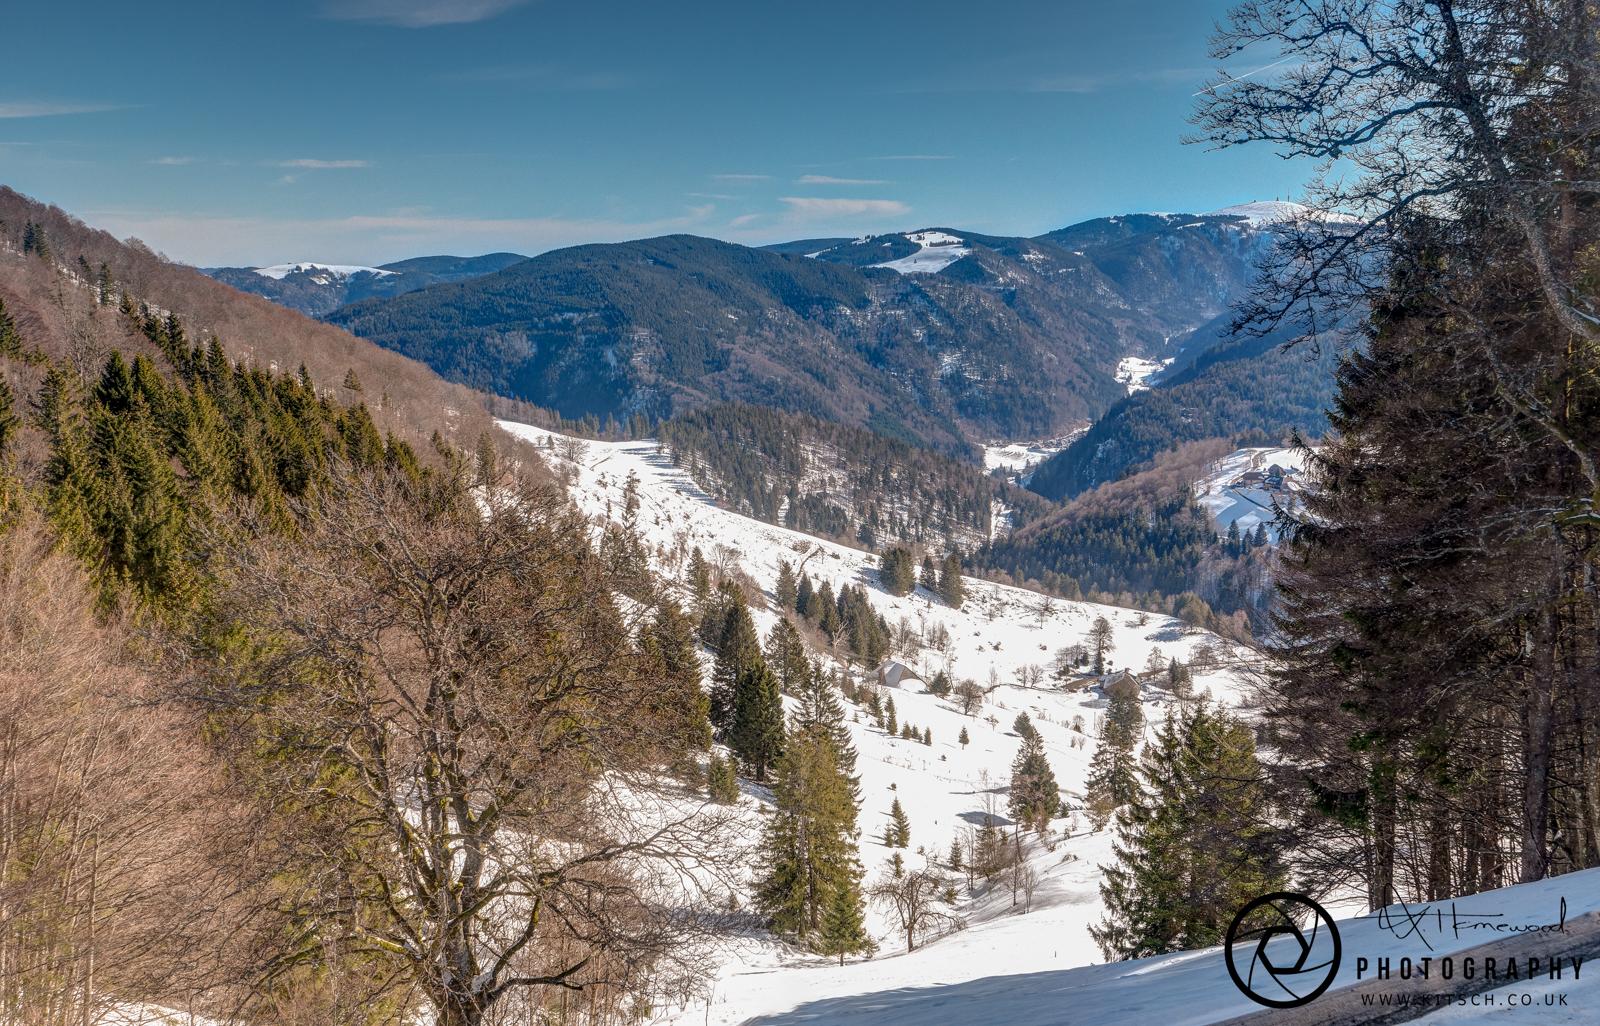 Ski Slope Views